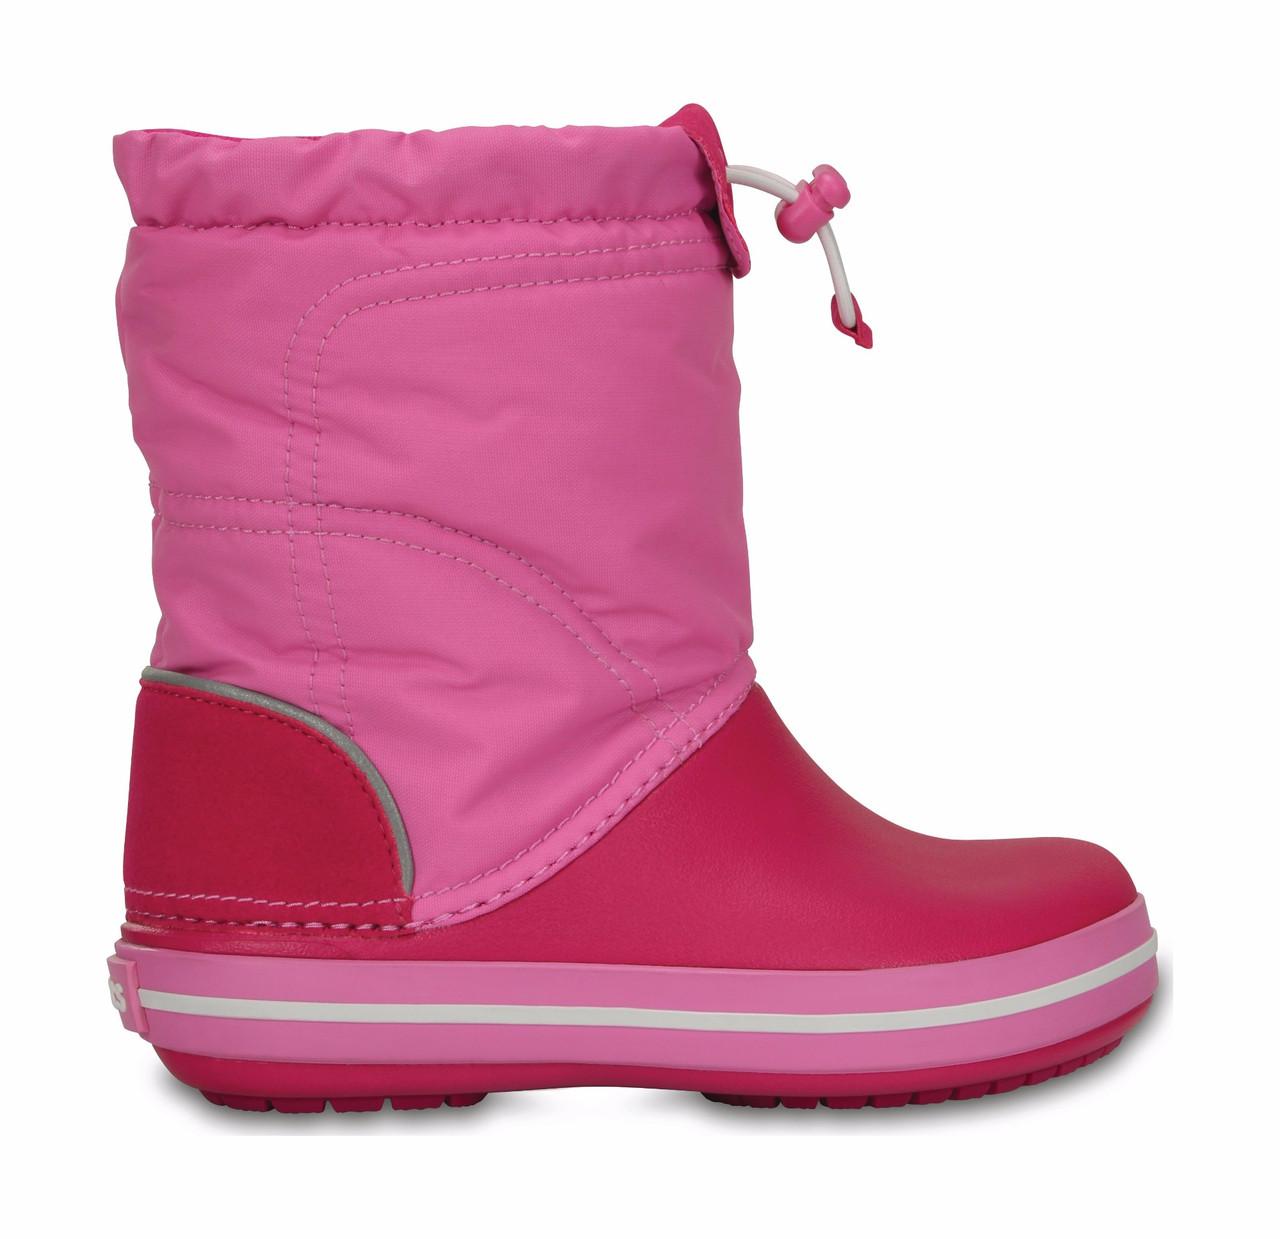 3252cf2ca629e7 Сапоги зимние для девочки Crocs Kids Crocband LodgePoint Boot / сноубутсы  детские непромокаемые с затяжкой, ...